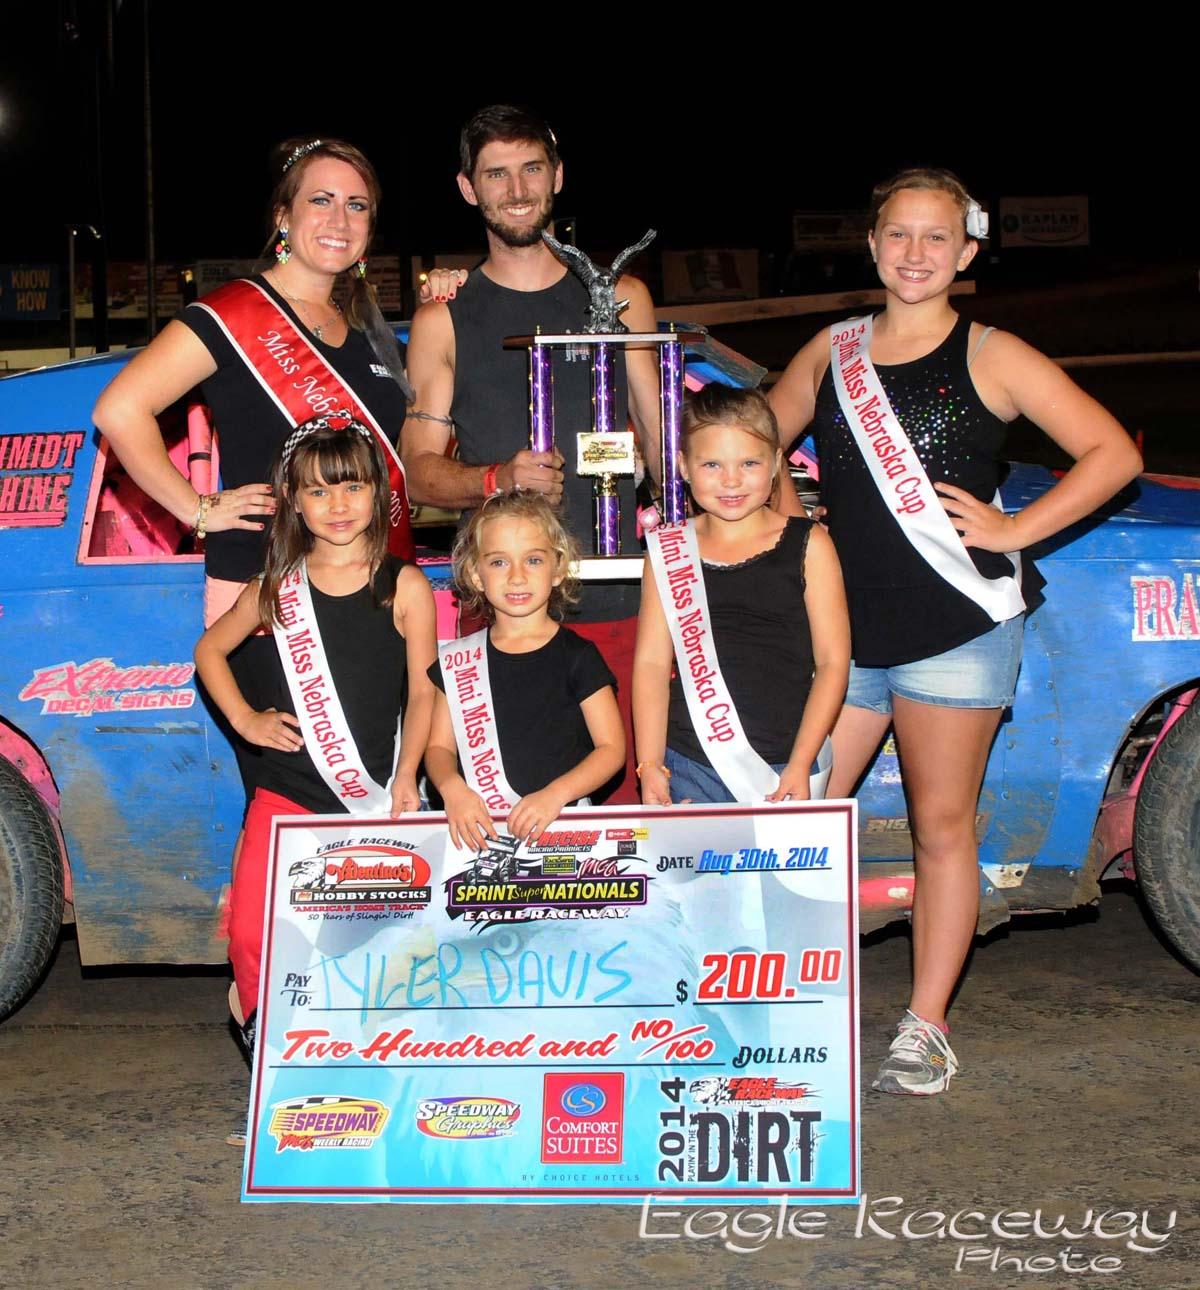 Eagle-08-30-14-464-Tyler-Davis-with-2013-Miss-Nebraska-Cup-Elle-Potocka-along-with-2014-Mini-Miss-Nebraska-Cup-finailist-JoeOrthPhoto